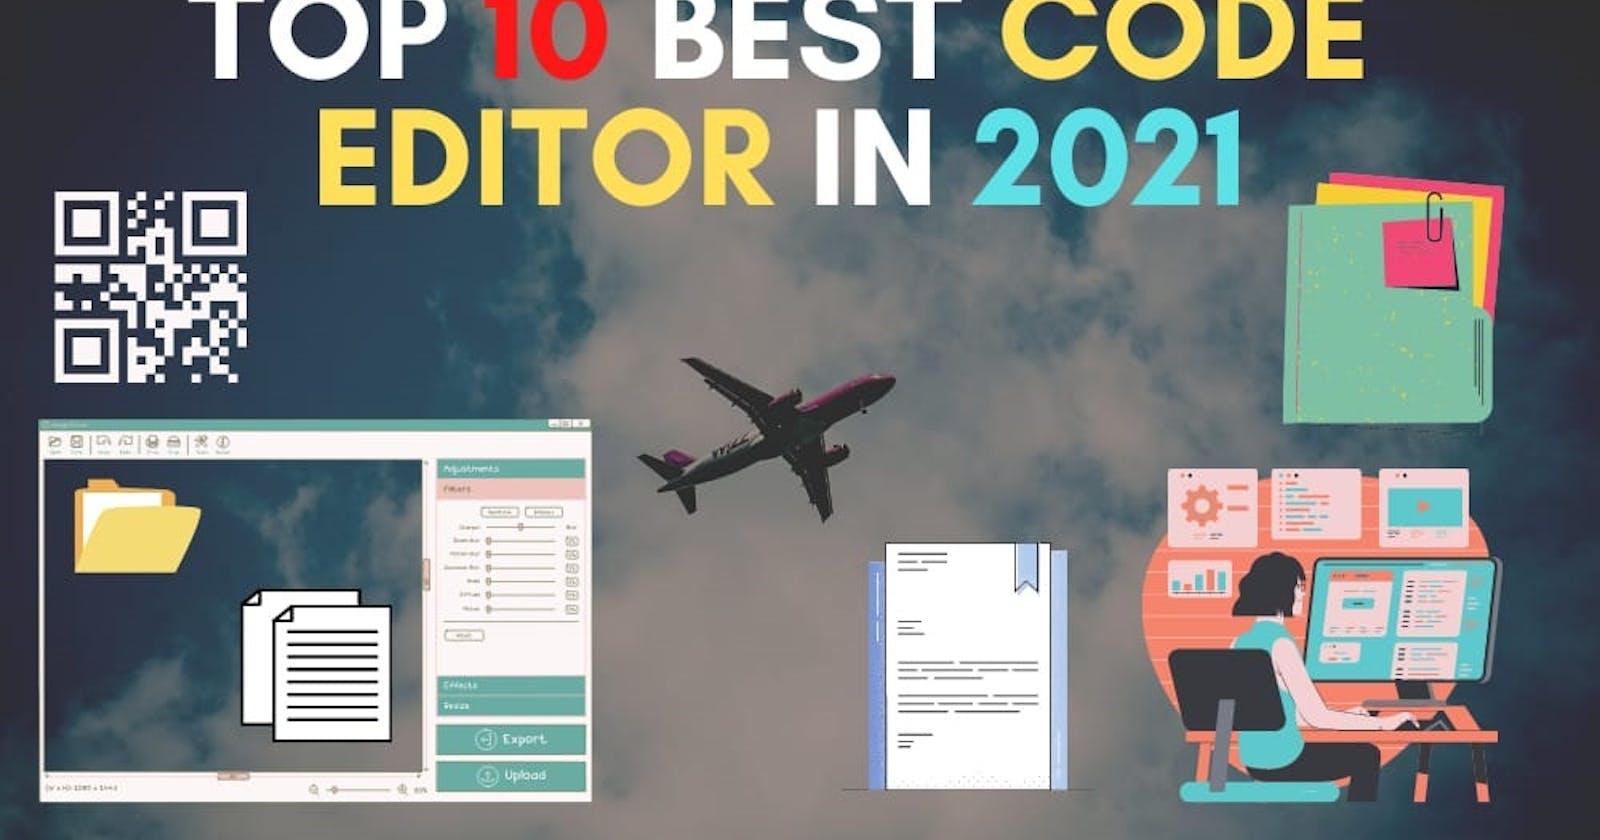 Top 10 Best Code editors in 2021